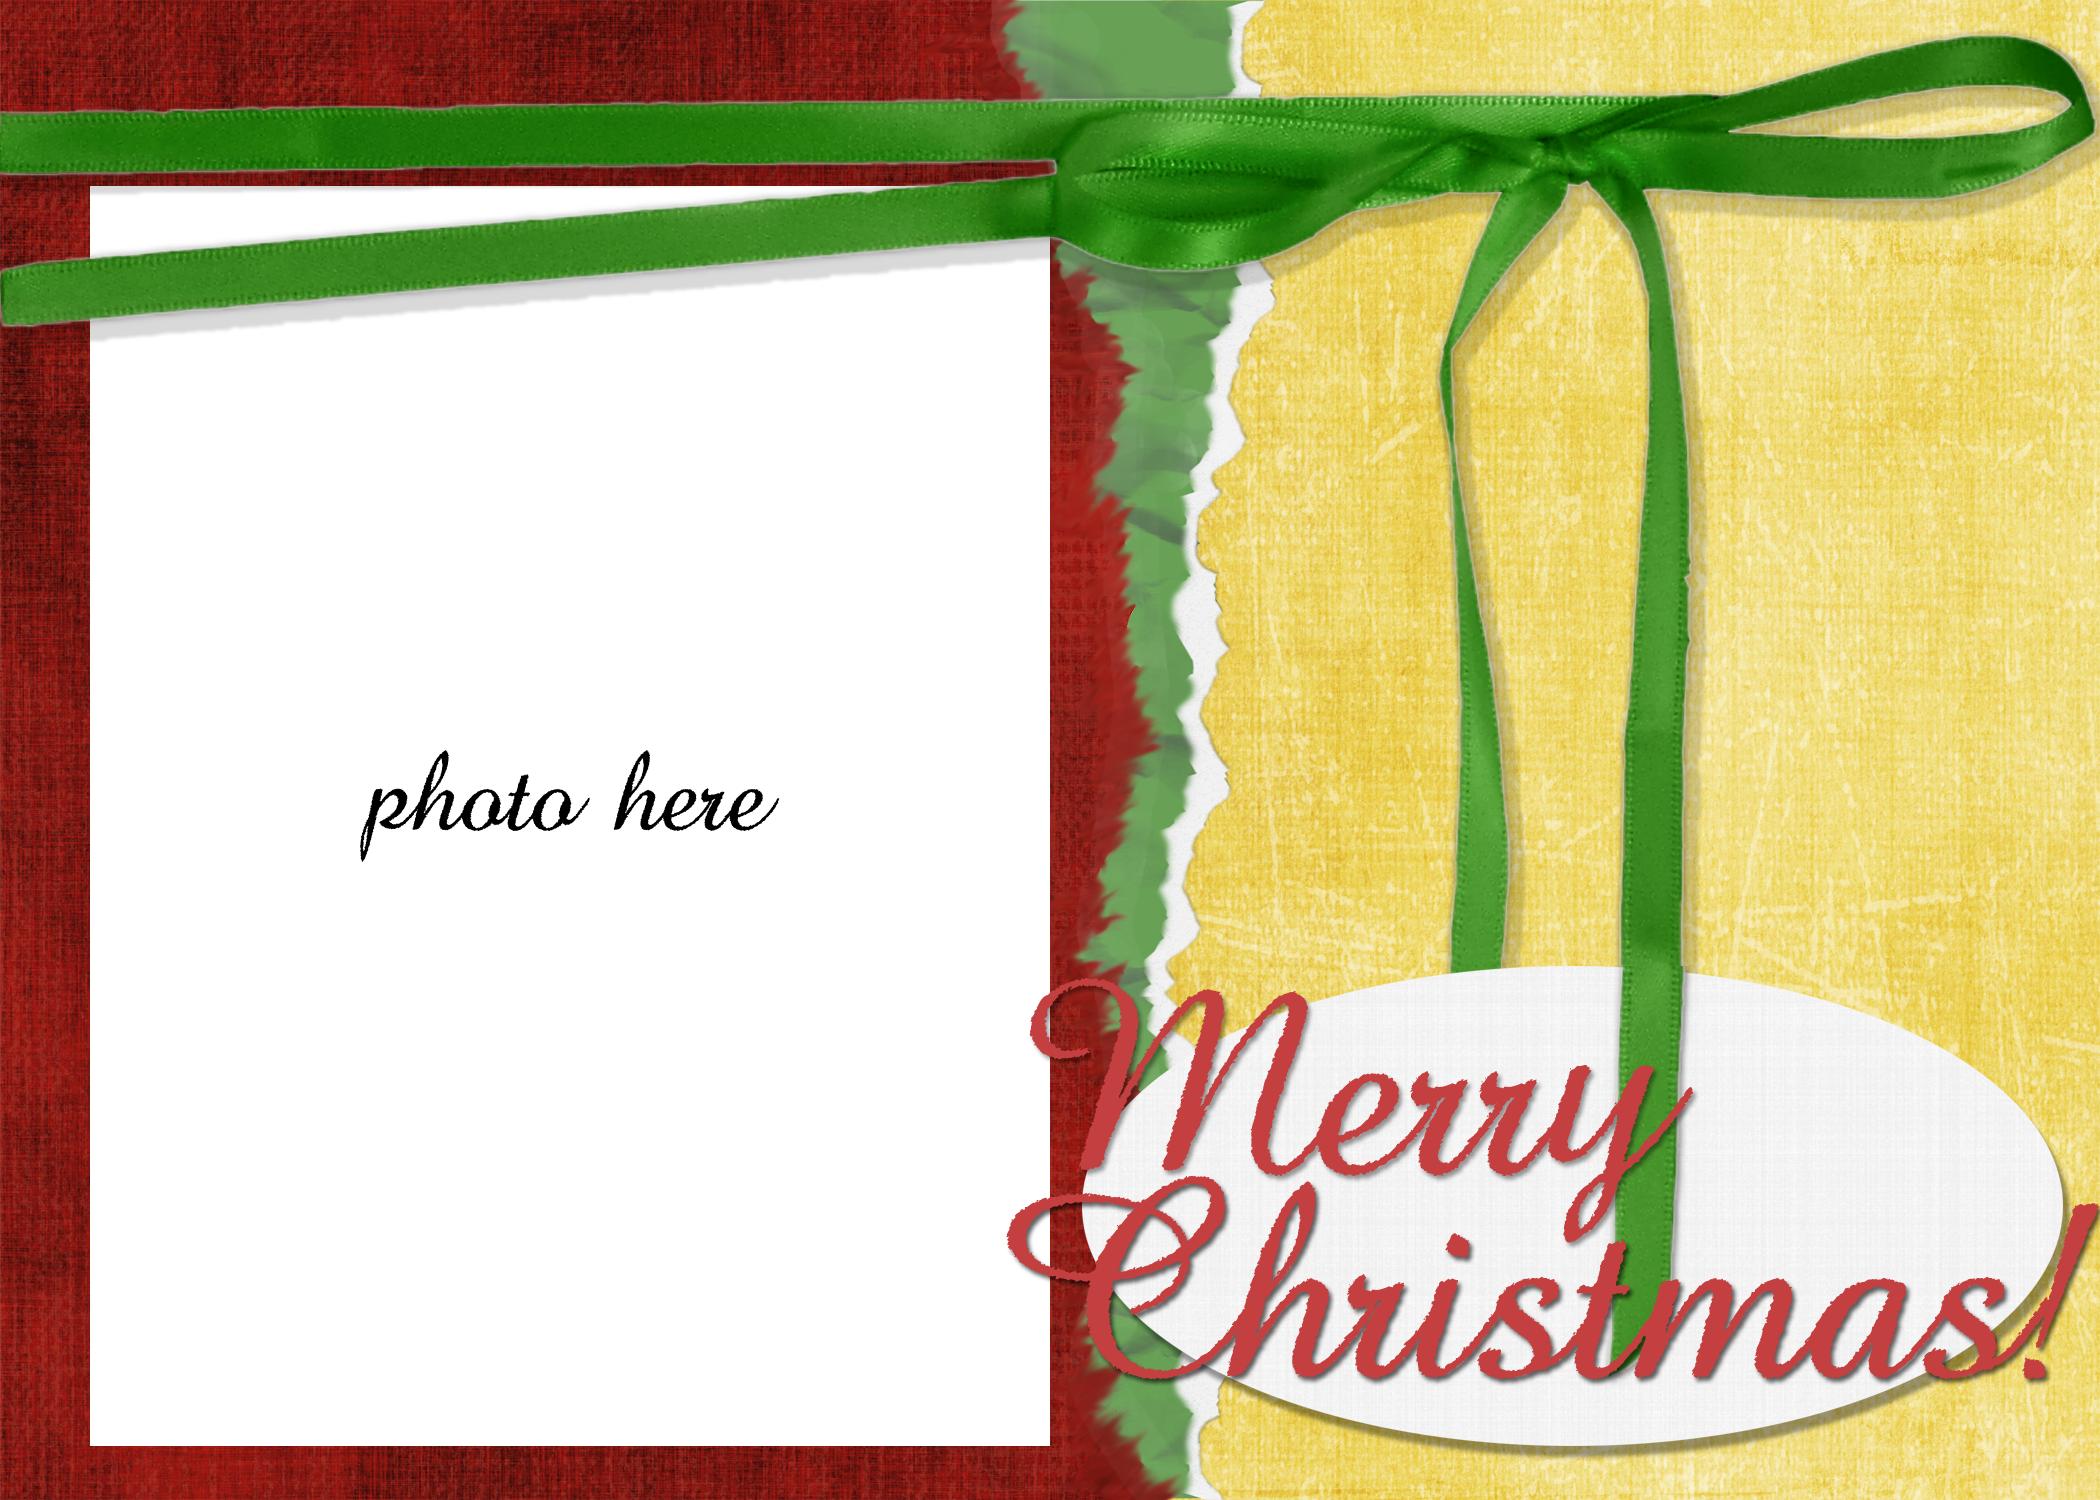 72 Printable Html Christmas Card Template Free Photo With Html Christmas Card Template Free Cards Design Templates